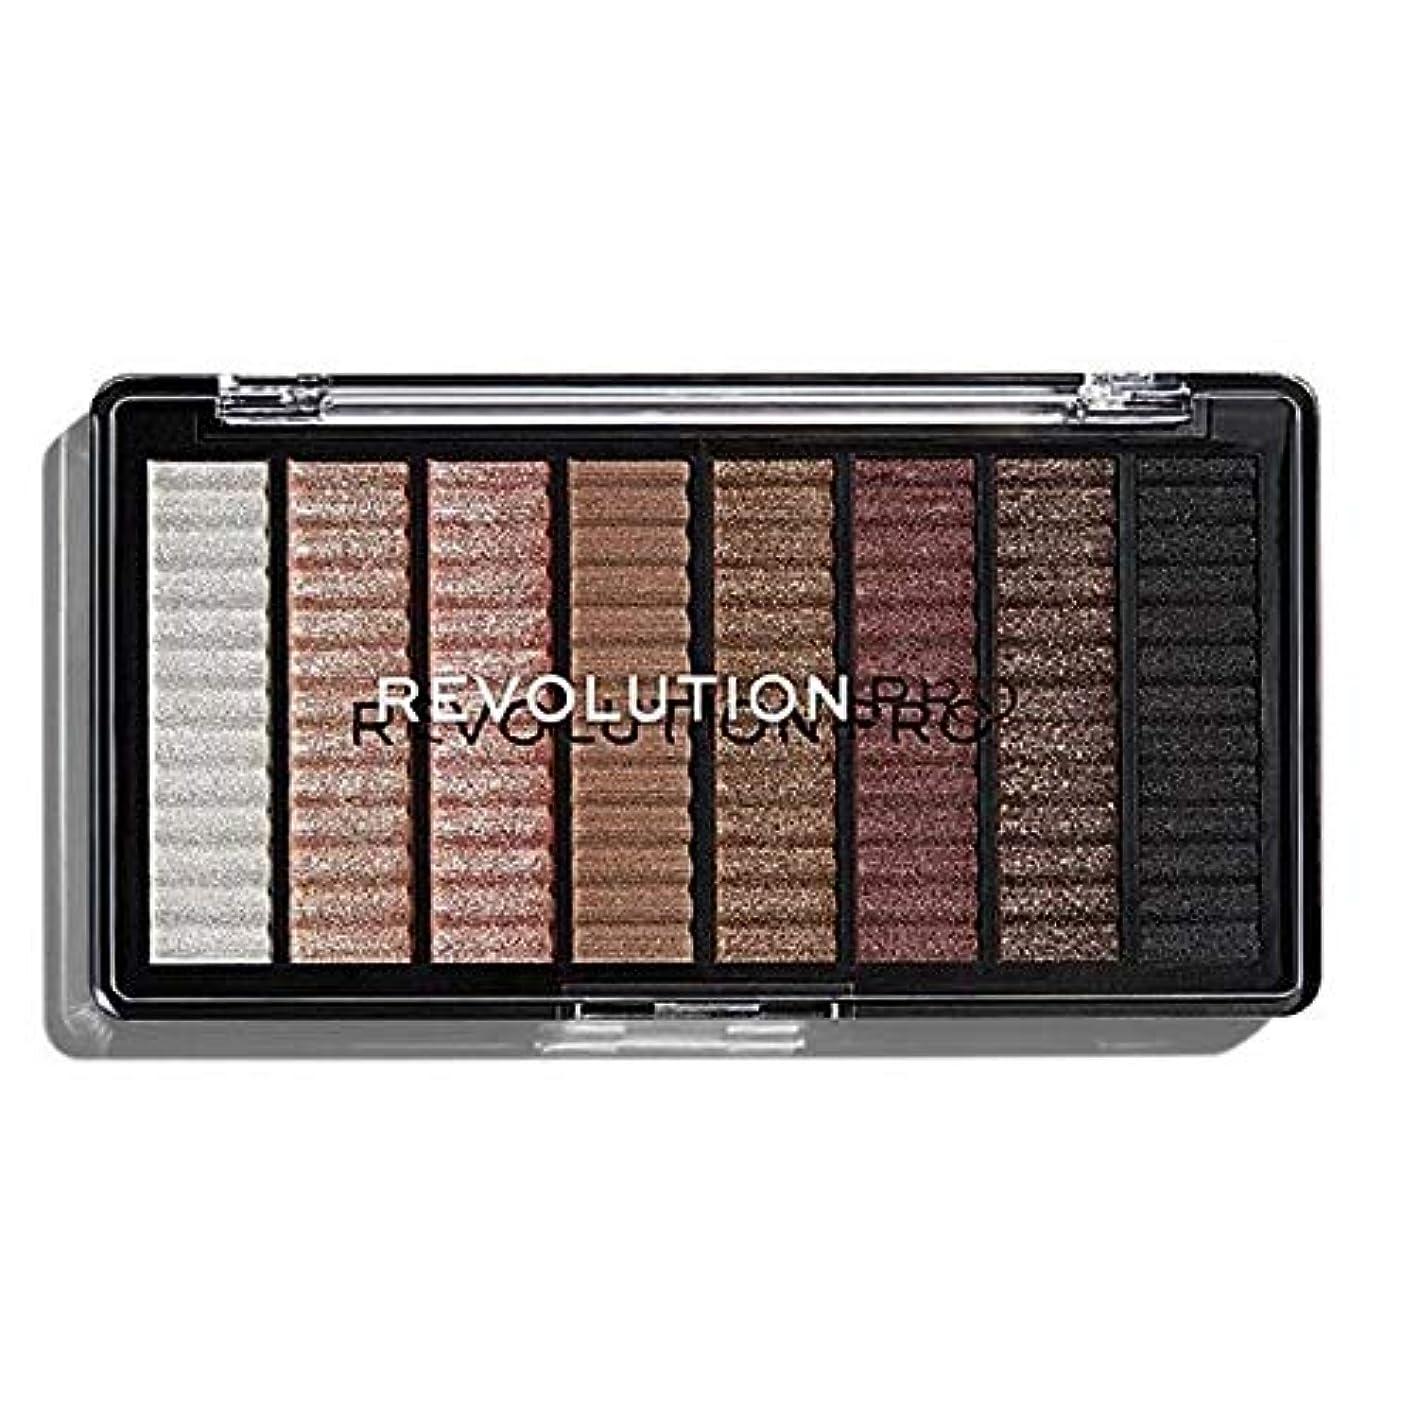 治療前置詞過ち[Revolution ] 革命プロ最高のCaptivateアイシャドウパレット - Revolution Pro Supreme Captivate Eye Shadow Palette [並行輸入品]